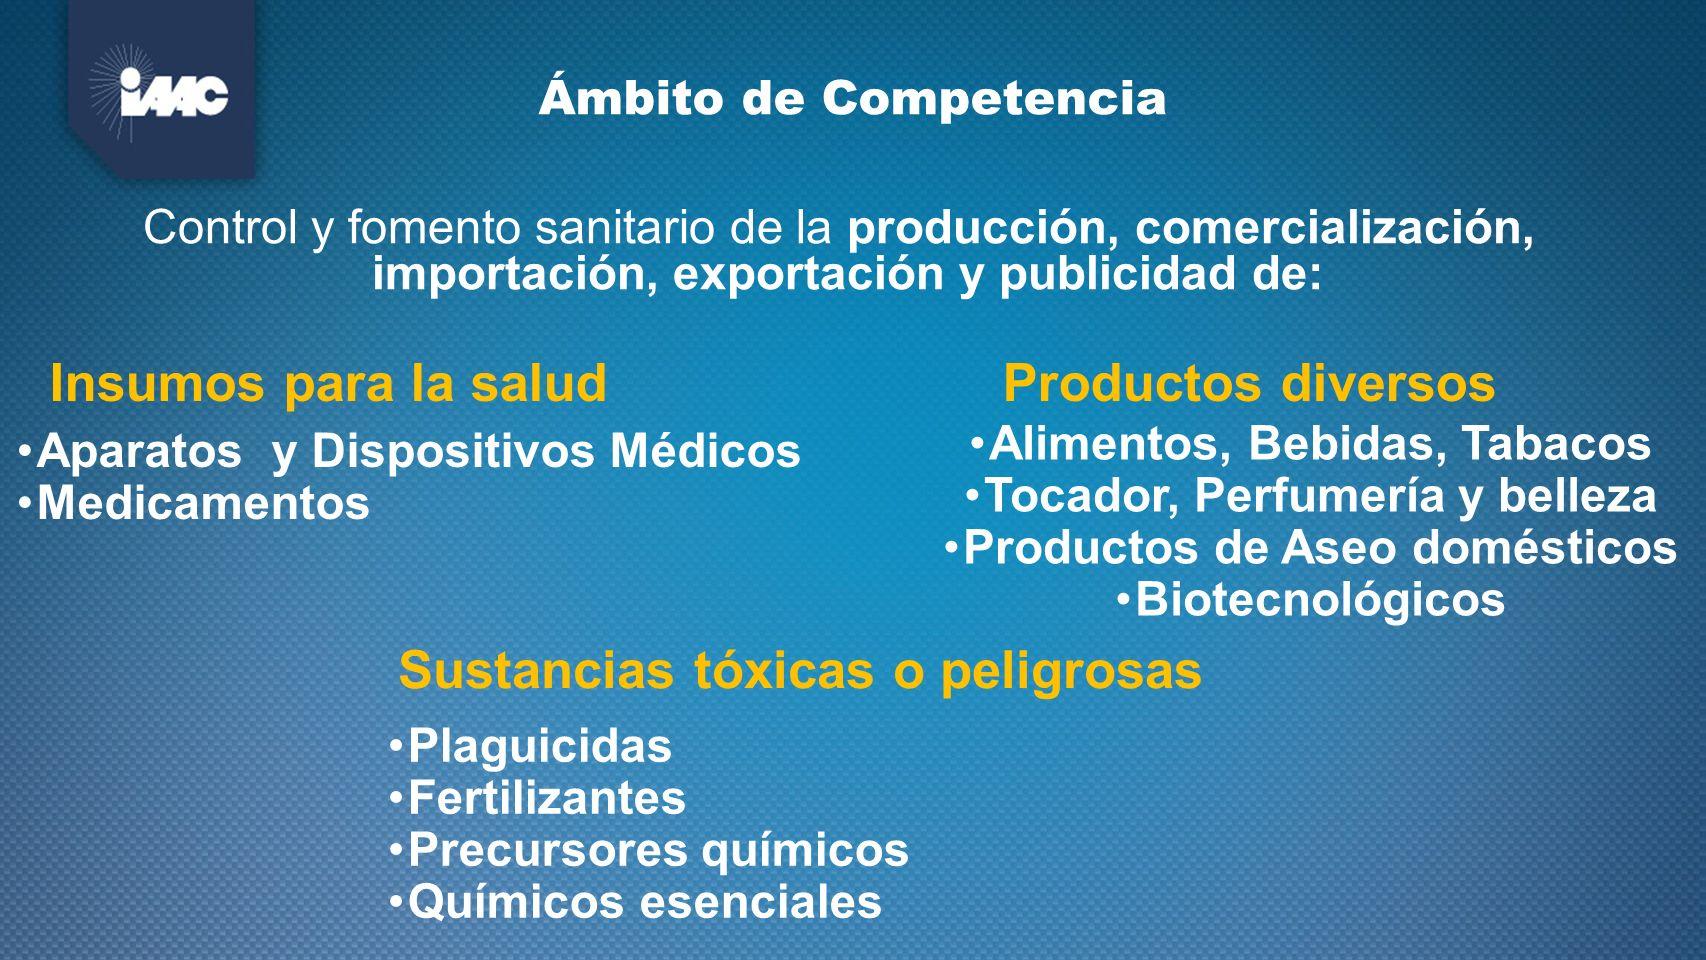 GUIA DE LLENADO REQUISITOS PARA DAR DE ALTA UNA EMPRESA COMERCIALIZADORA DE PRODUCTOS EN AEROSOL TALES COMO ALIMENTOS, PRODUCTOS DE TOCADOR, ASEO Y LIMPIEZA, MEDICAMENTOS, DISPOSITIVOS MEDICOS Y PLAGUICIDAS.